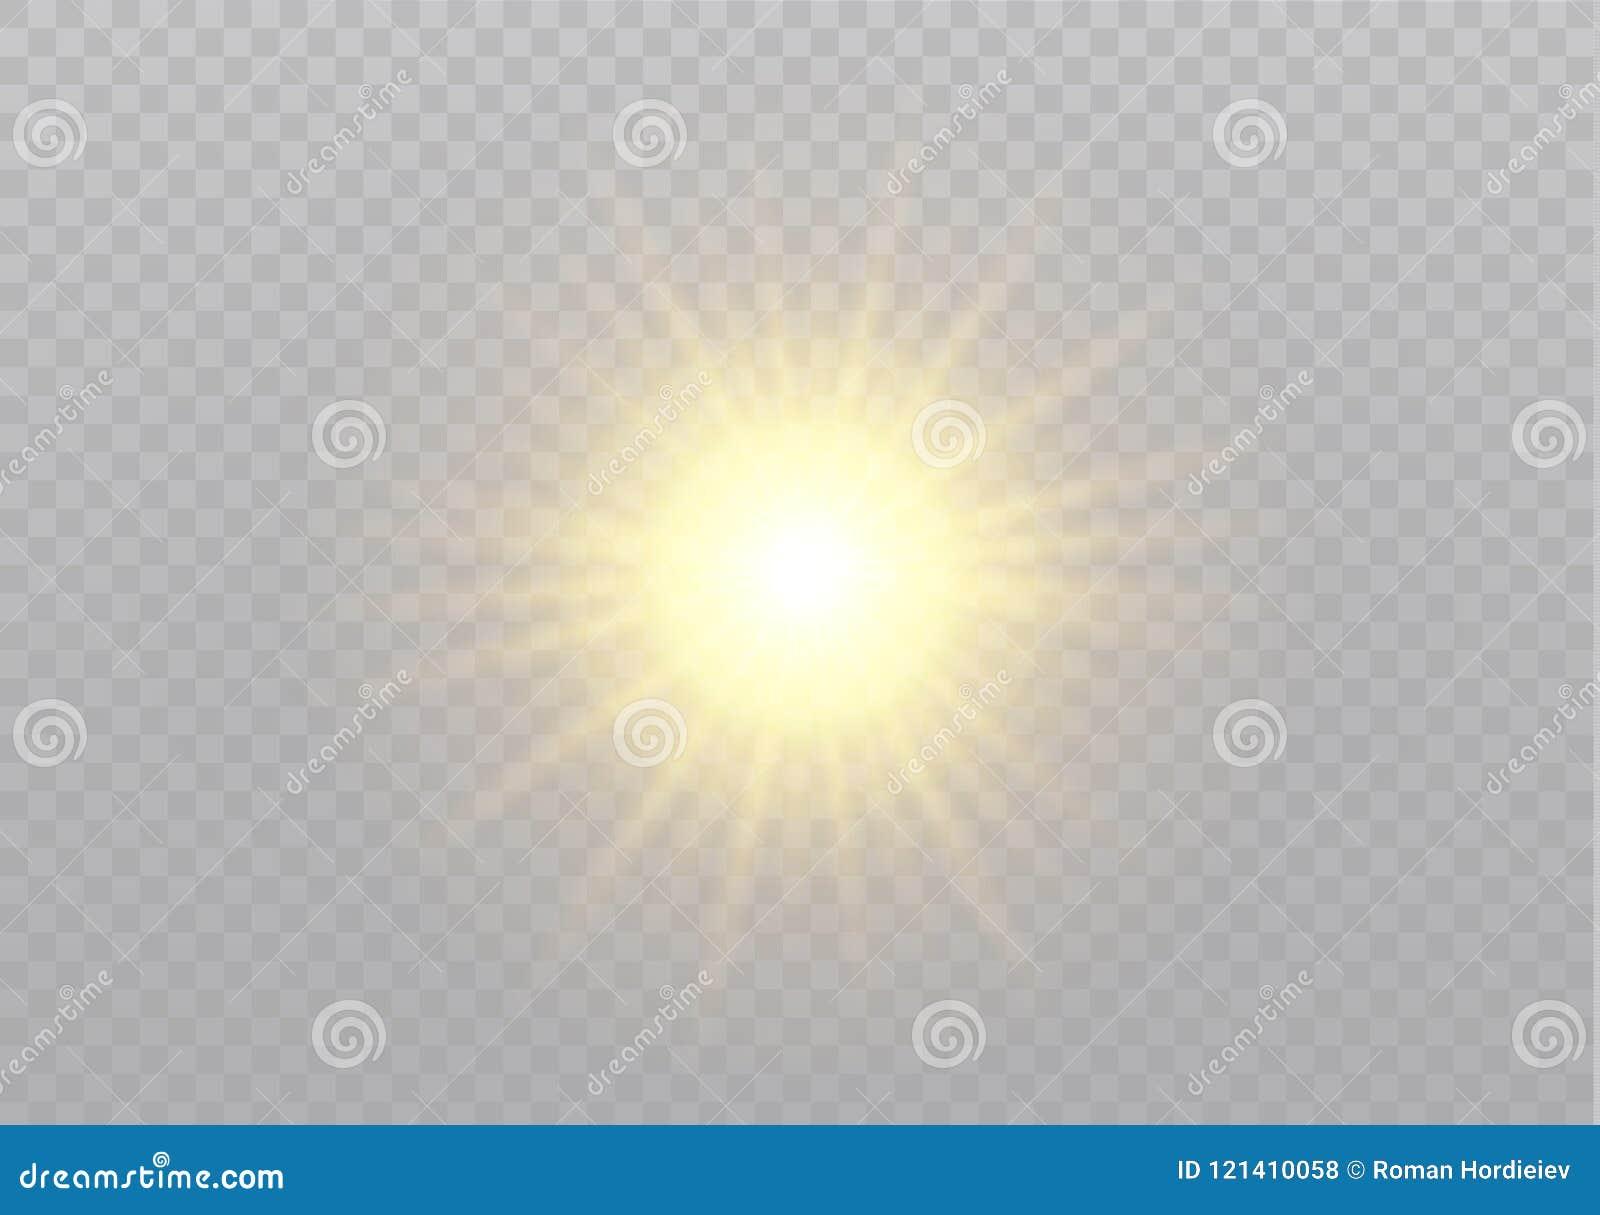 传染媒介透明阳光特别透镜火光光线影响 圣诞节抽象样式 闪耀的不可思议的微尘